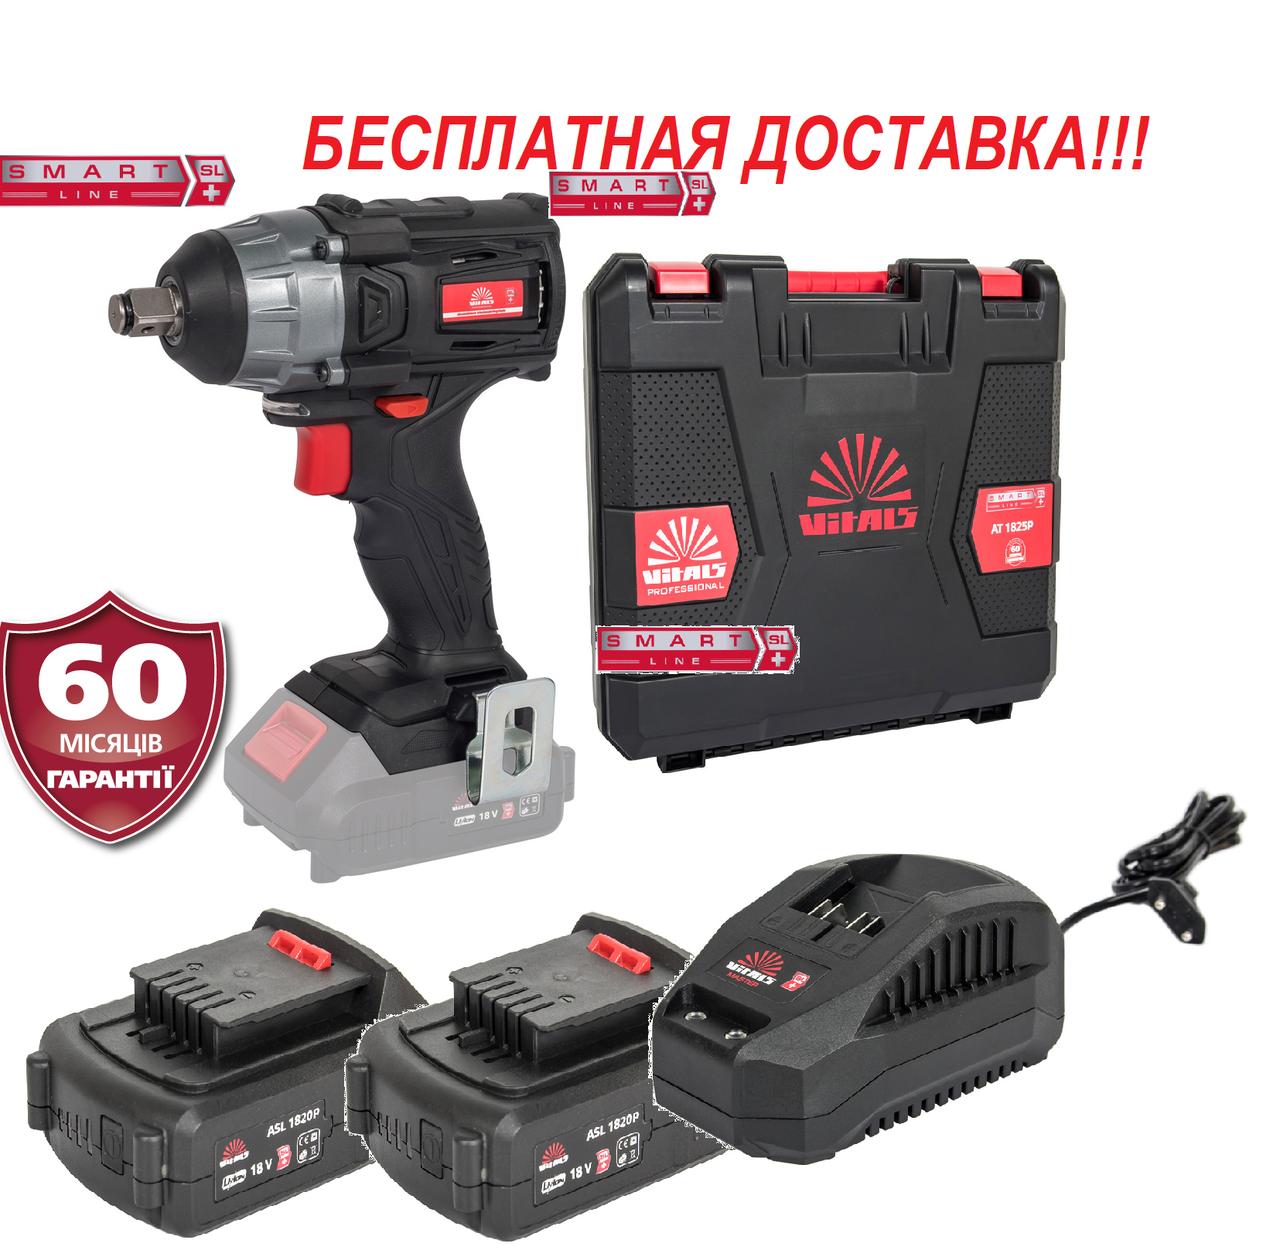 Гайковерт аккумуляторный бесщёточный, ударный 250Нм Латвия комплект Vitals Professional AT 1825P